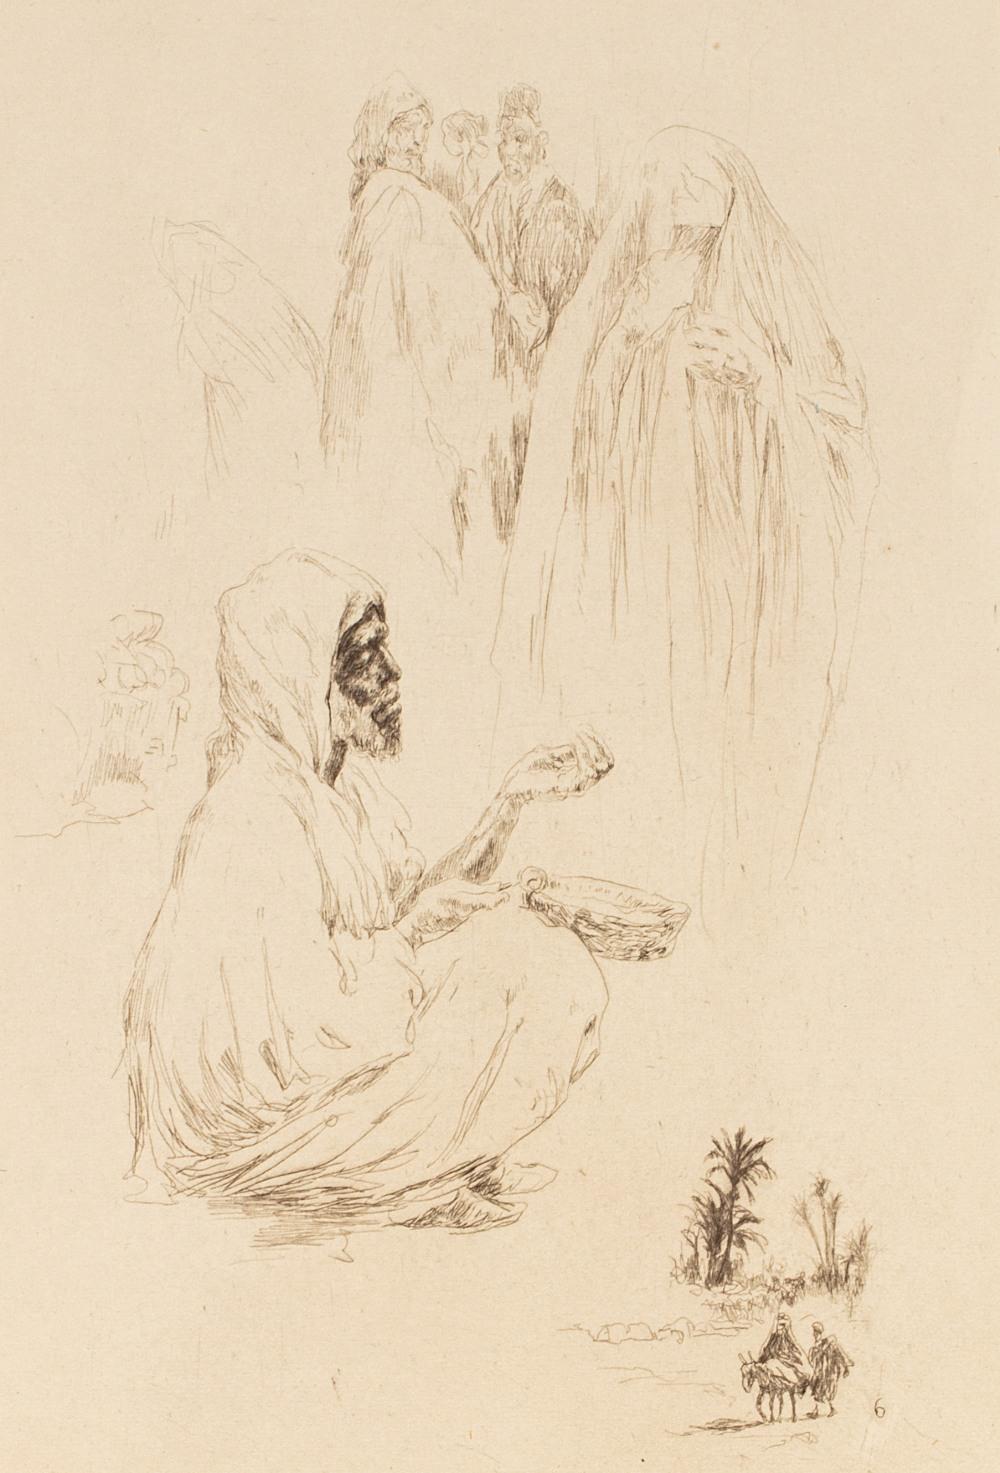 LE RICHE (Henri).Maroc, 1932-1933Carnet de voyage illustré de trente gravures originales en noir. - Image 2 of 2